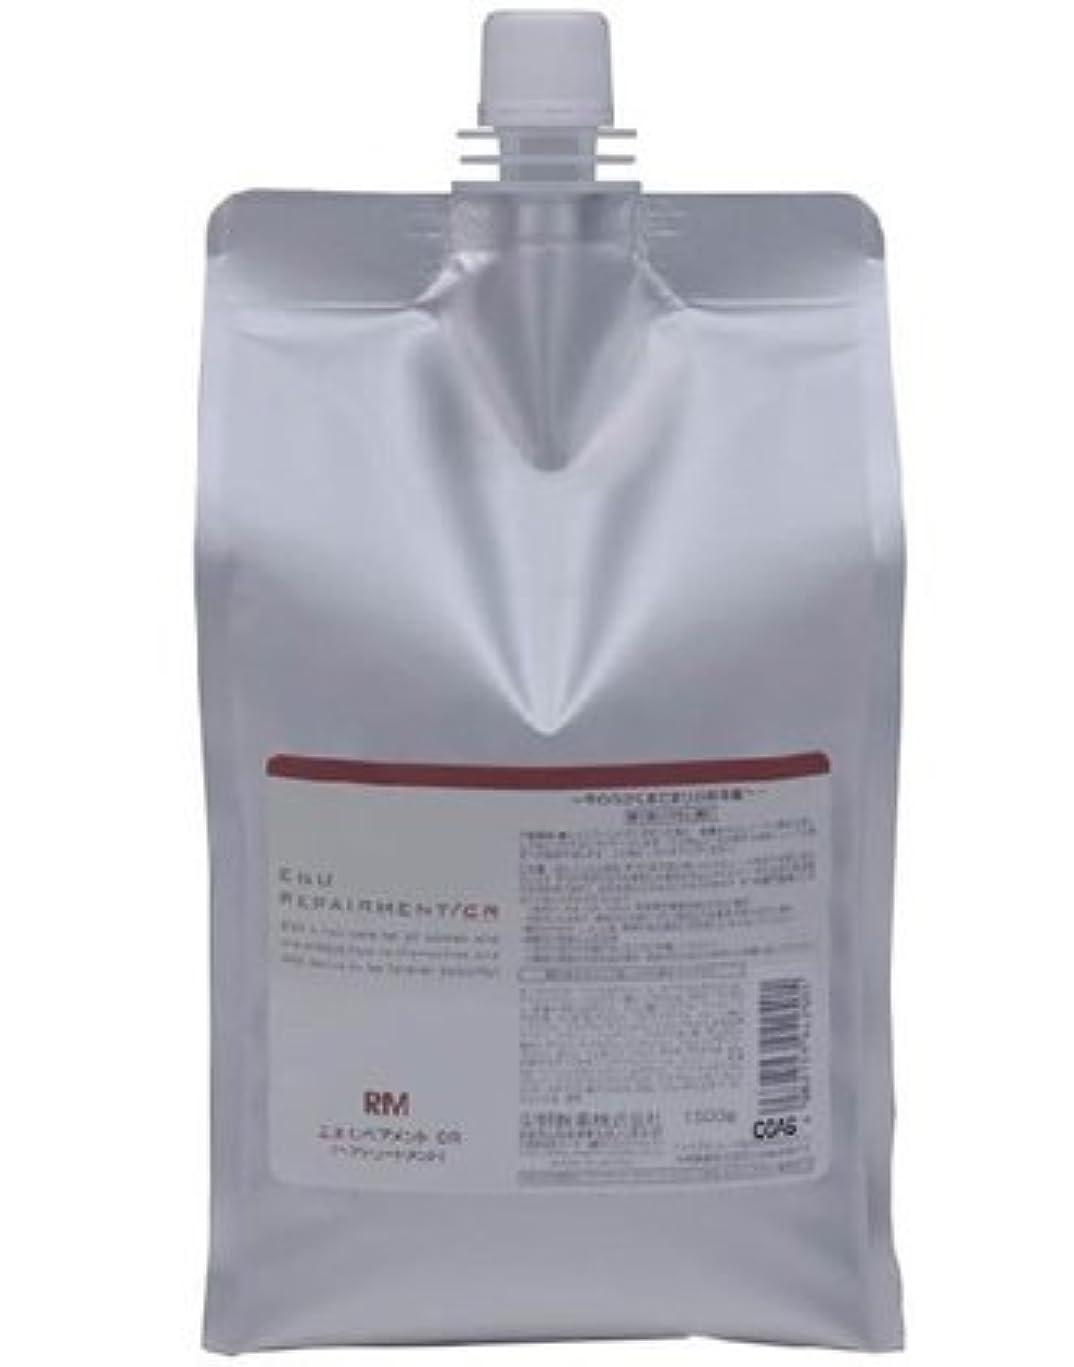 アルファベット順表現めまいが中野製薬 ENU エヌ リペアメント CR 1500g レフィル 詰替え用